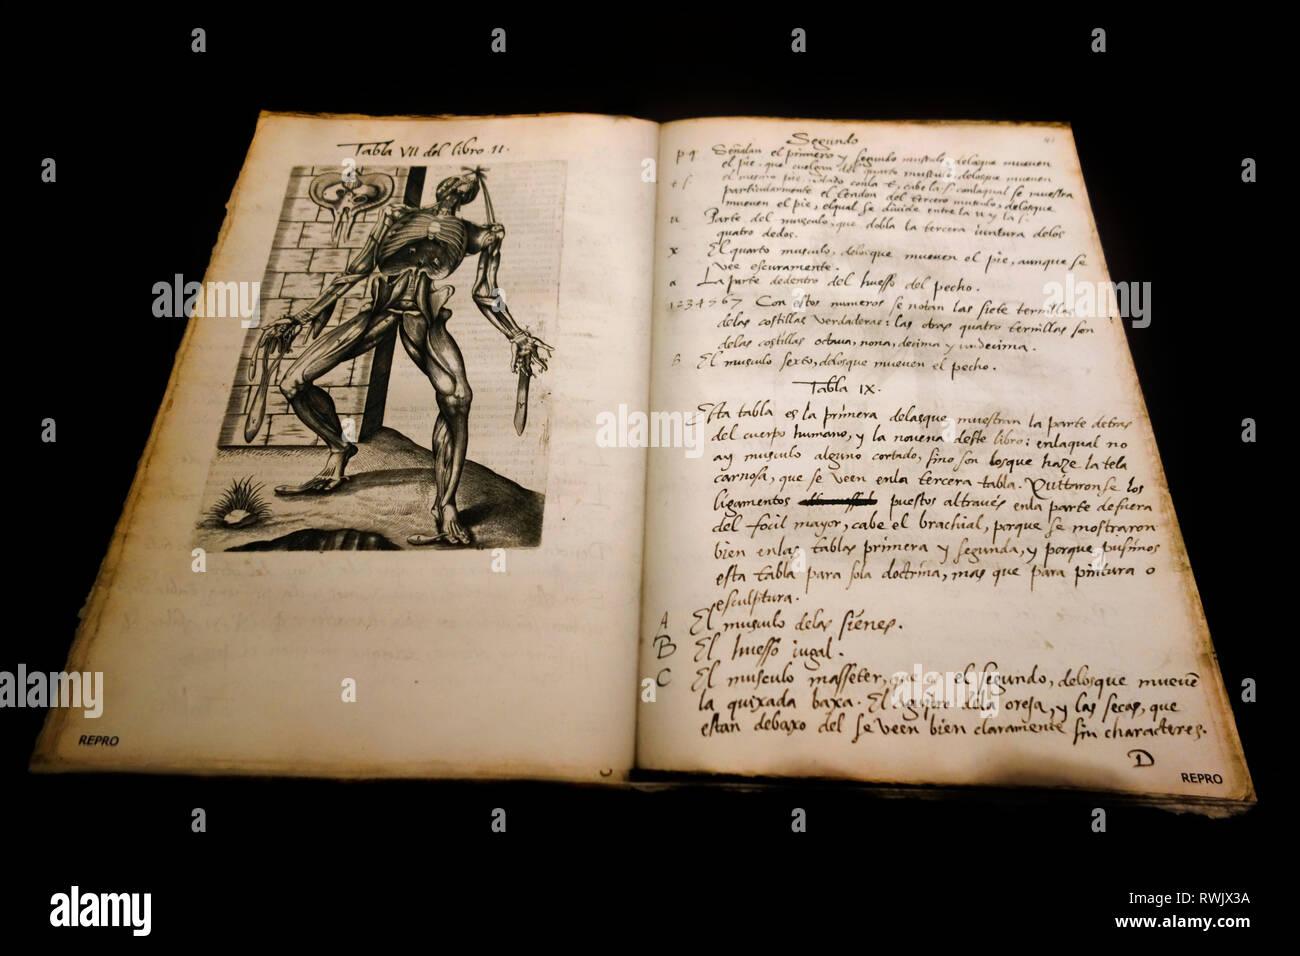 Il XVI secolo spagnolo traduzione di Vivae immagina partium corporis humani da Joannes Valverde, plagio di Fabrica da Vesalius, libro sulla anatomia Immagini Stock